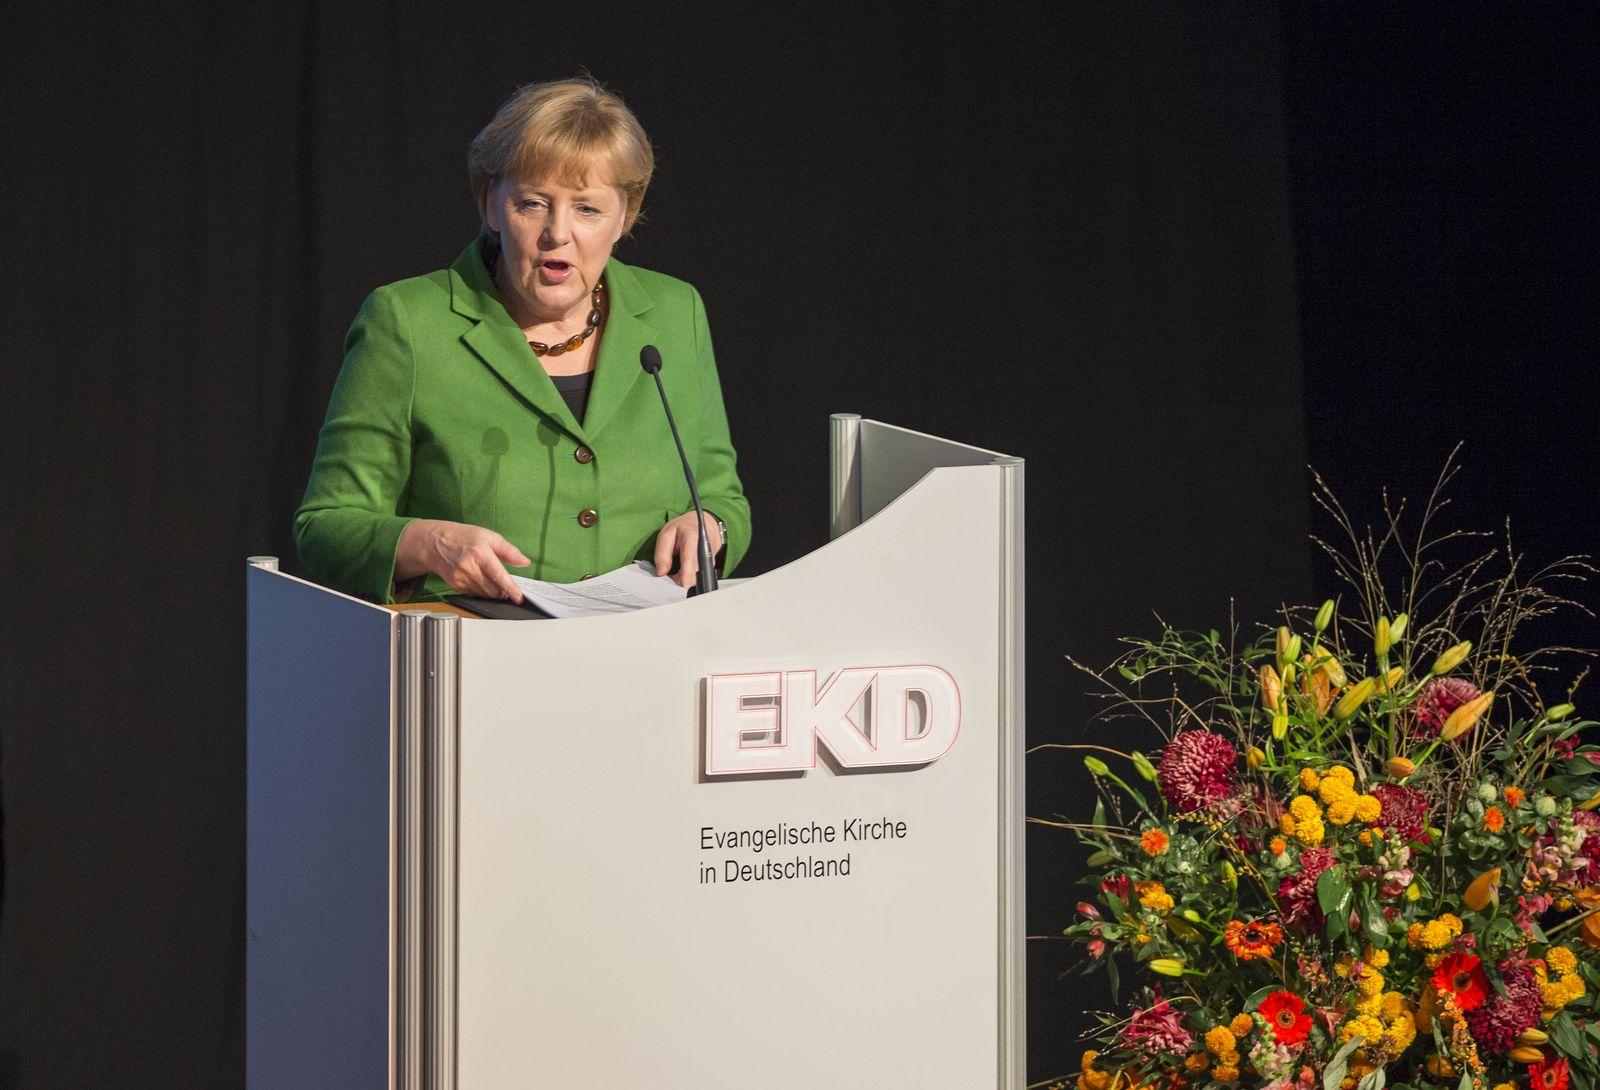 NICHT VERWENDEN Merkel bei EKD